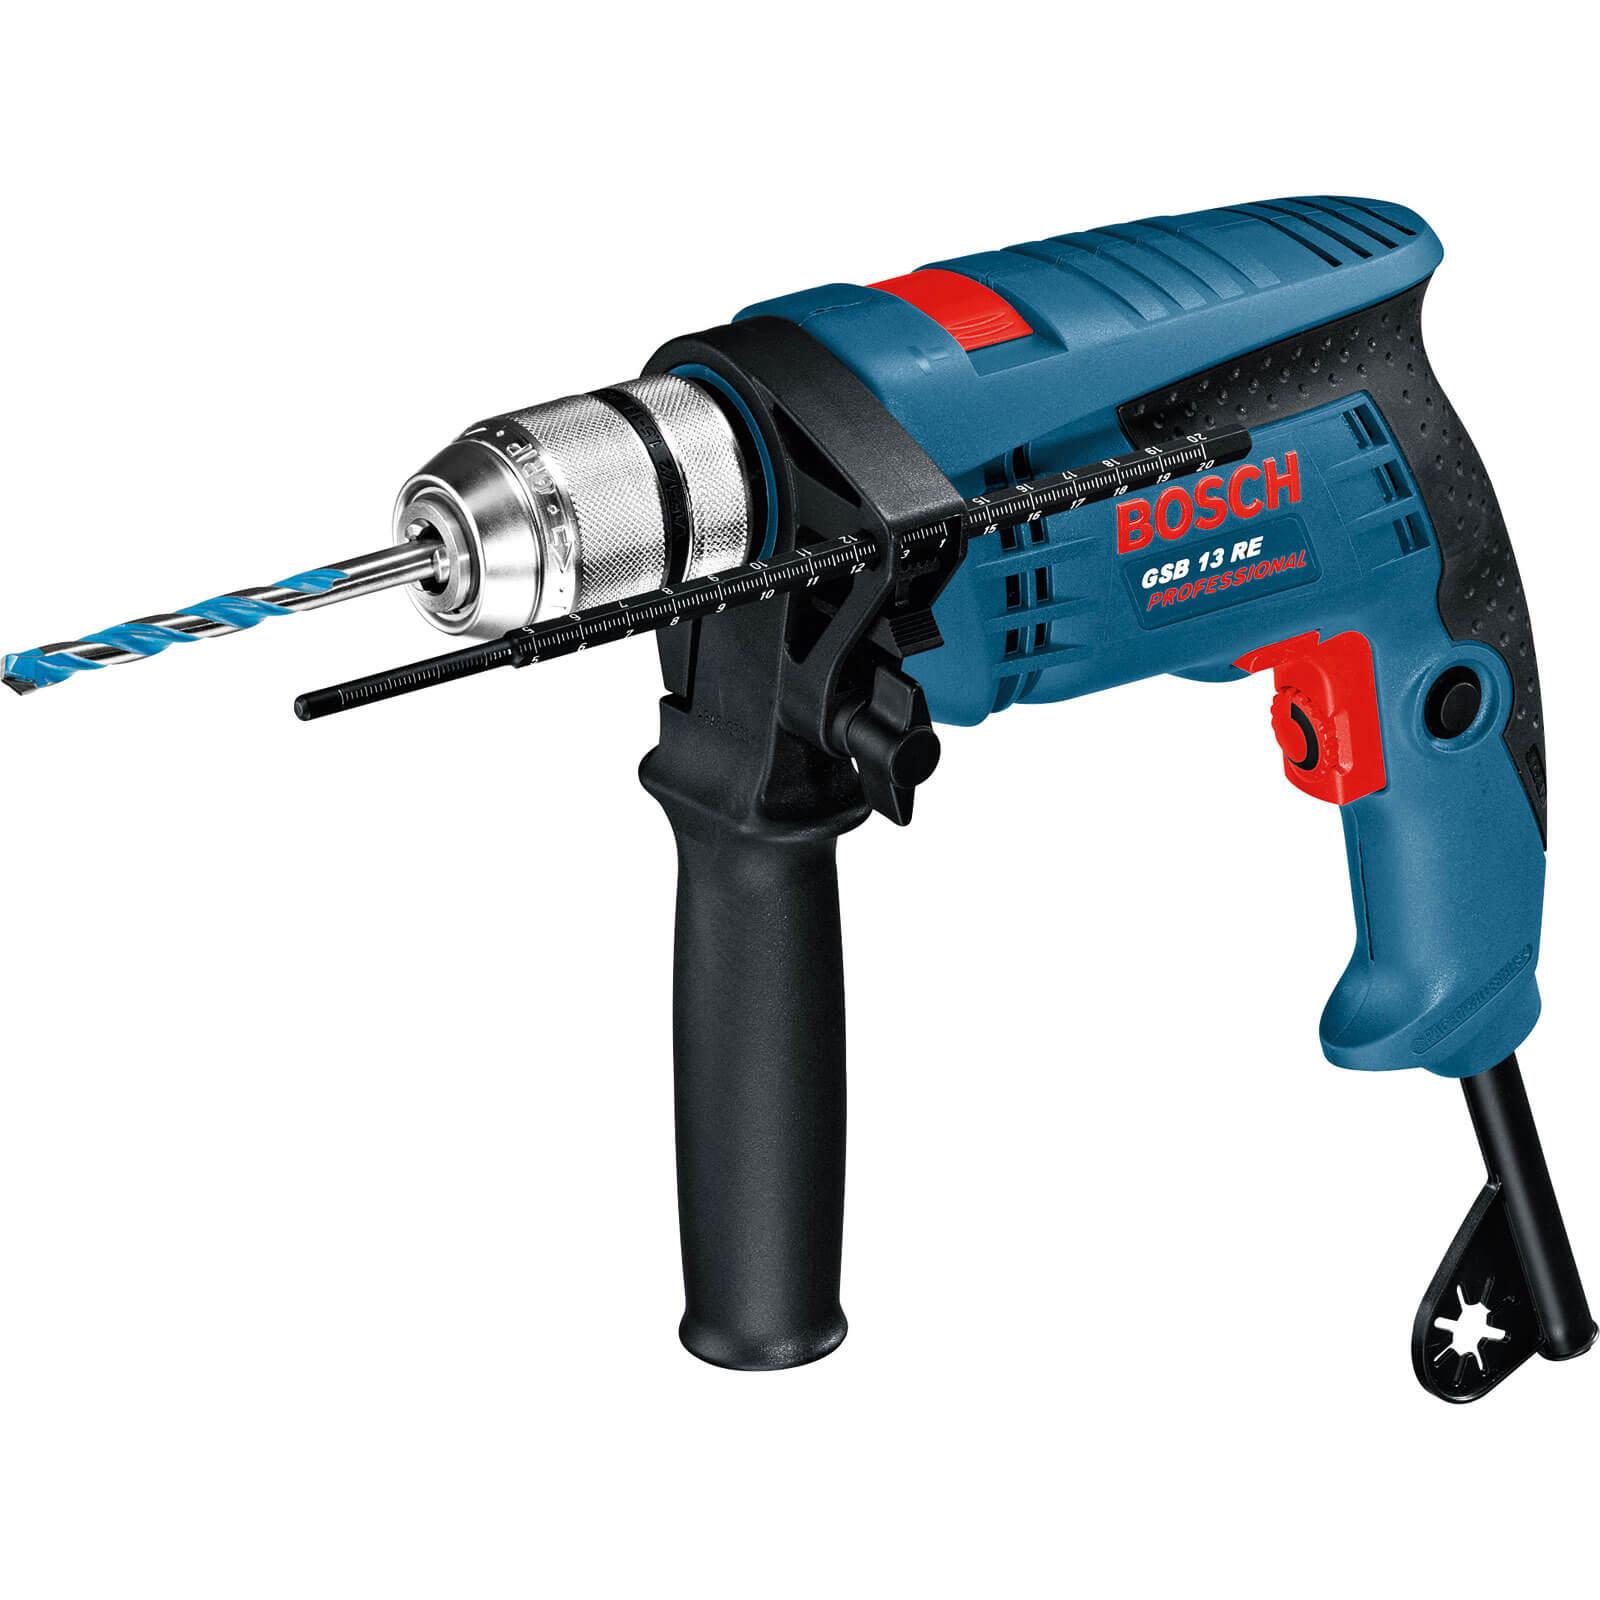 Image of Bosch GSB 13 RE Hammer Drill 110v